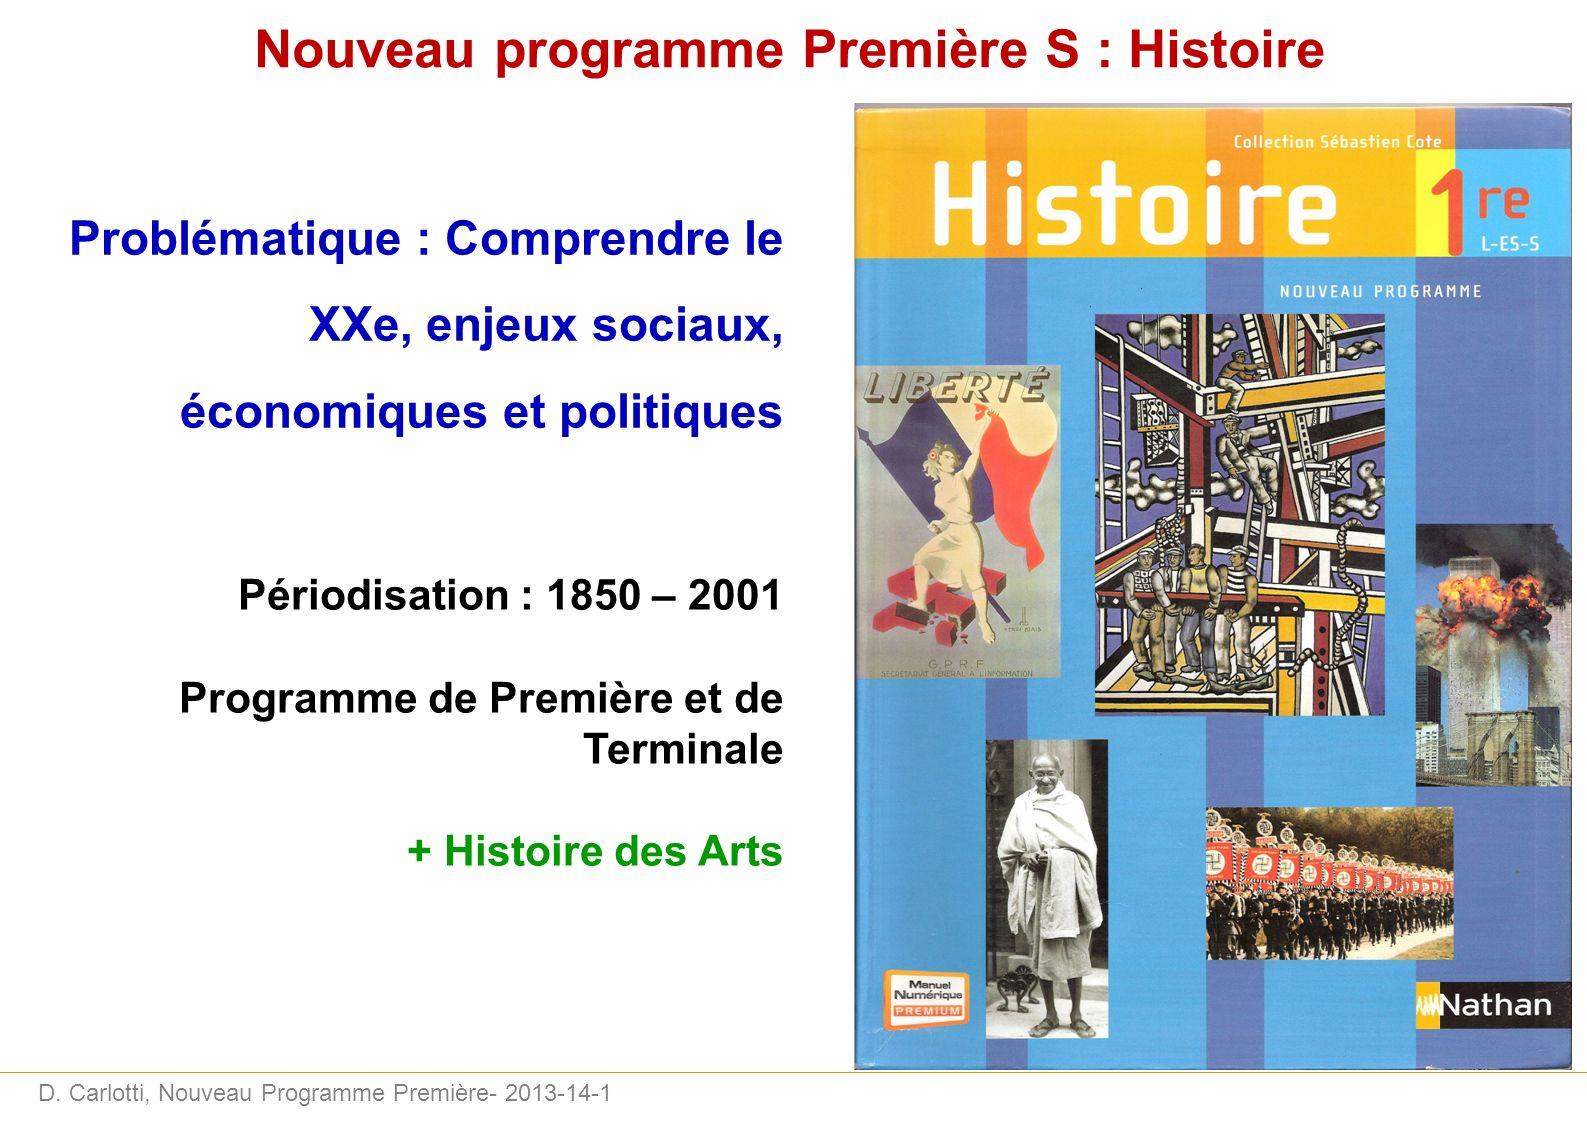 Nouveau programme Première S : Histoire